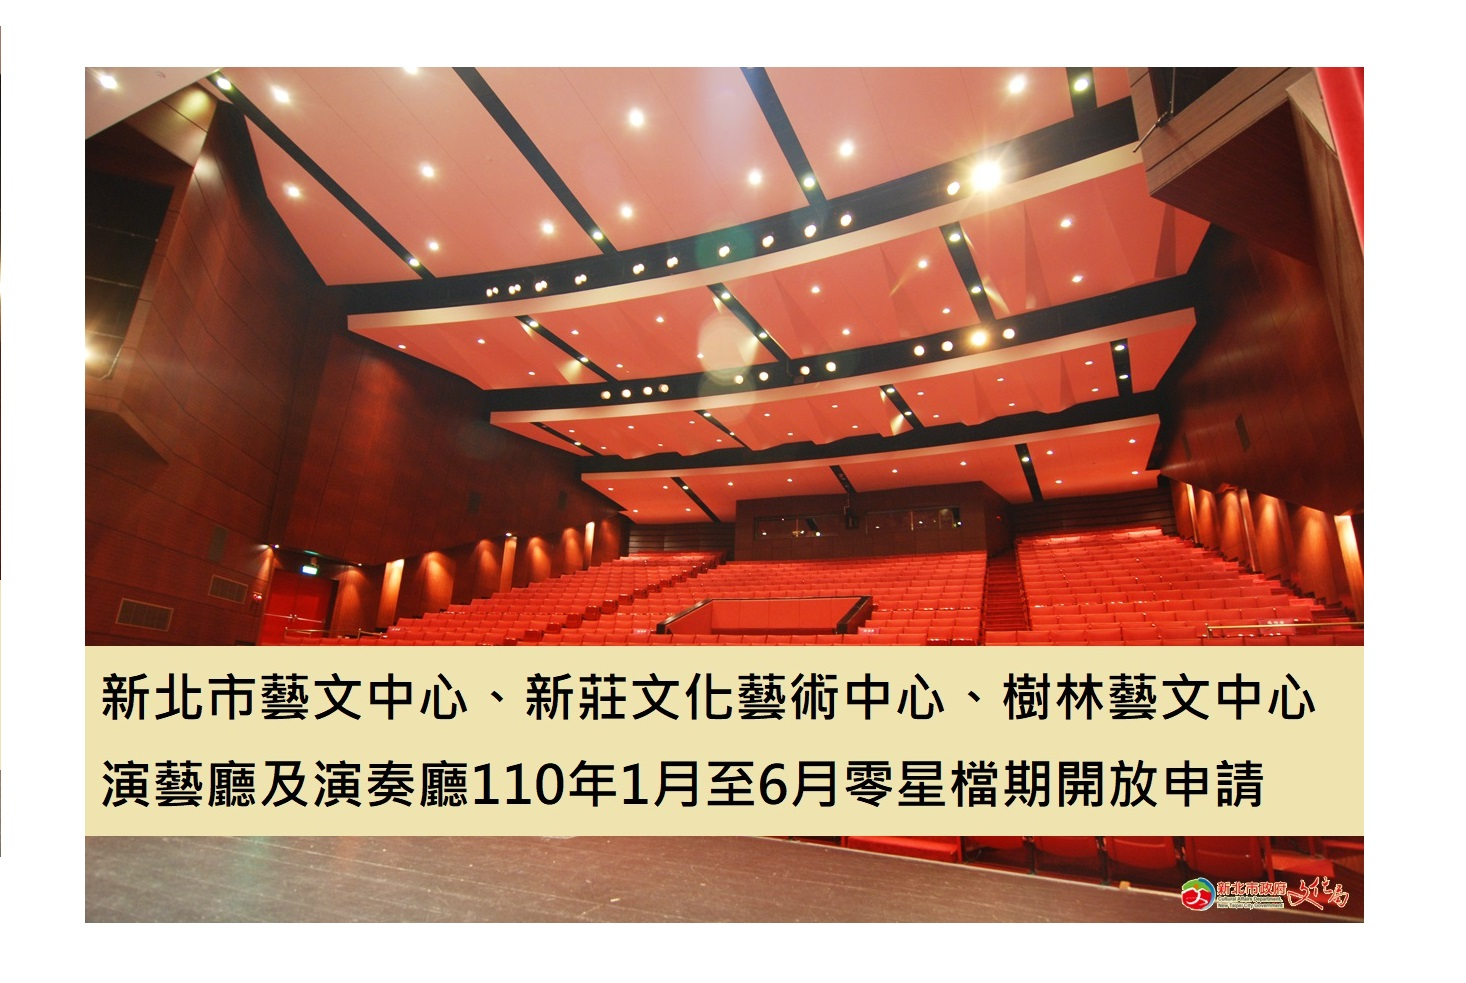 公告新北市藝文中心、新莊文化藝術中心、樹林藝文中心演藝廳及演奏廳110年1月至6月零星檔期開放申請